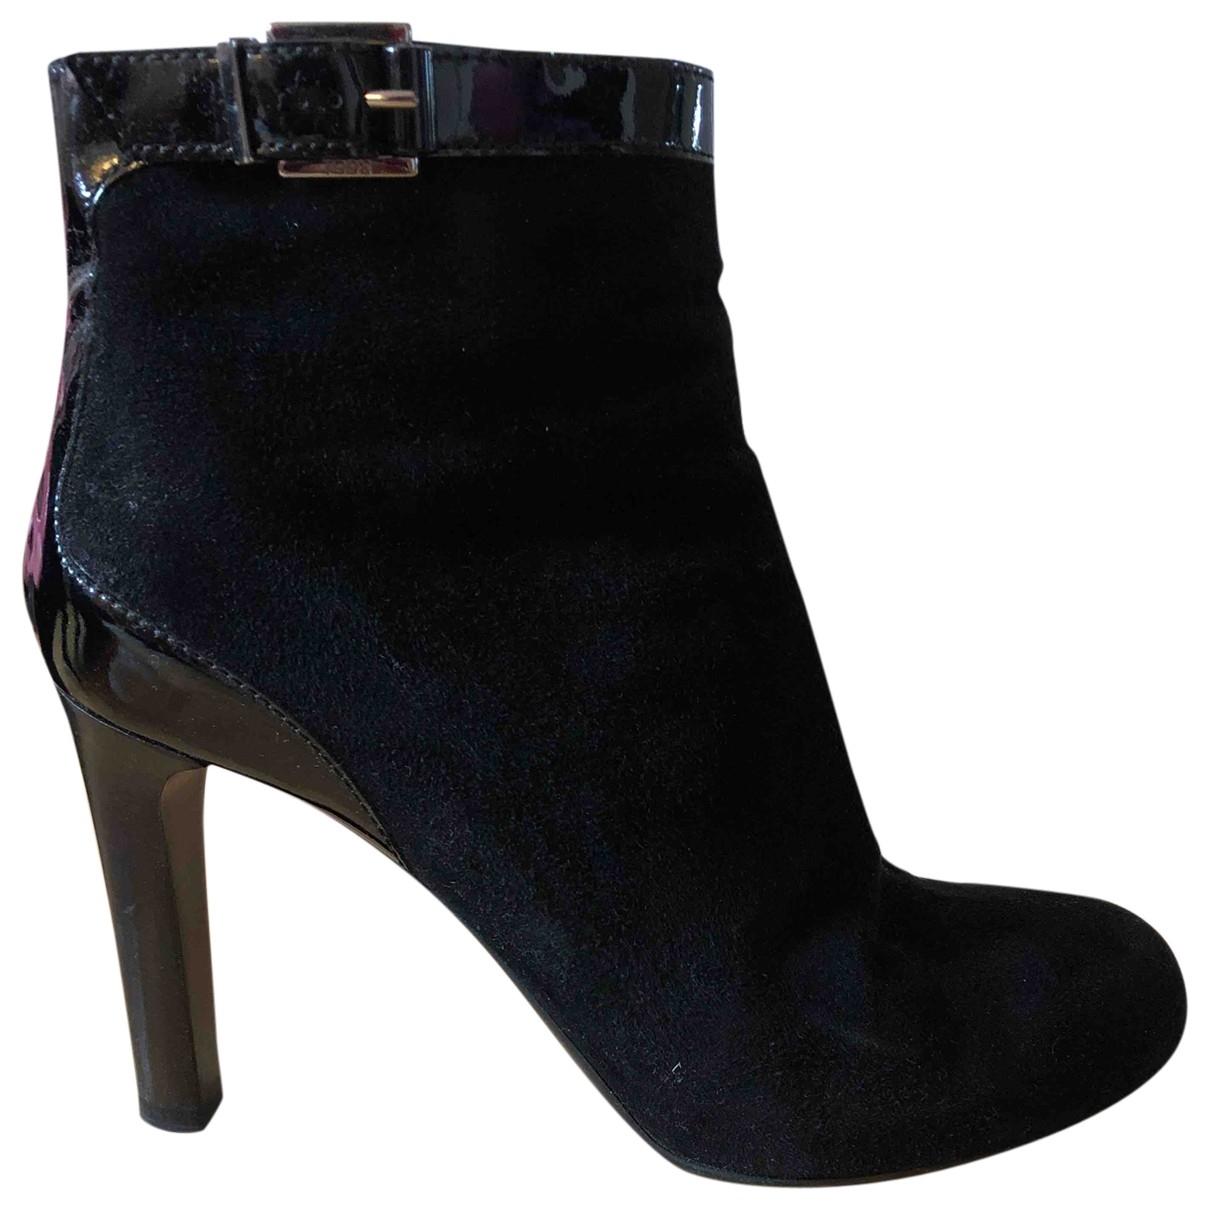 Tods - Boots   pour femme en velours - noir